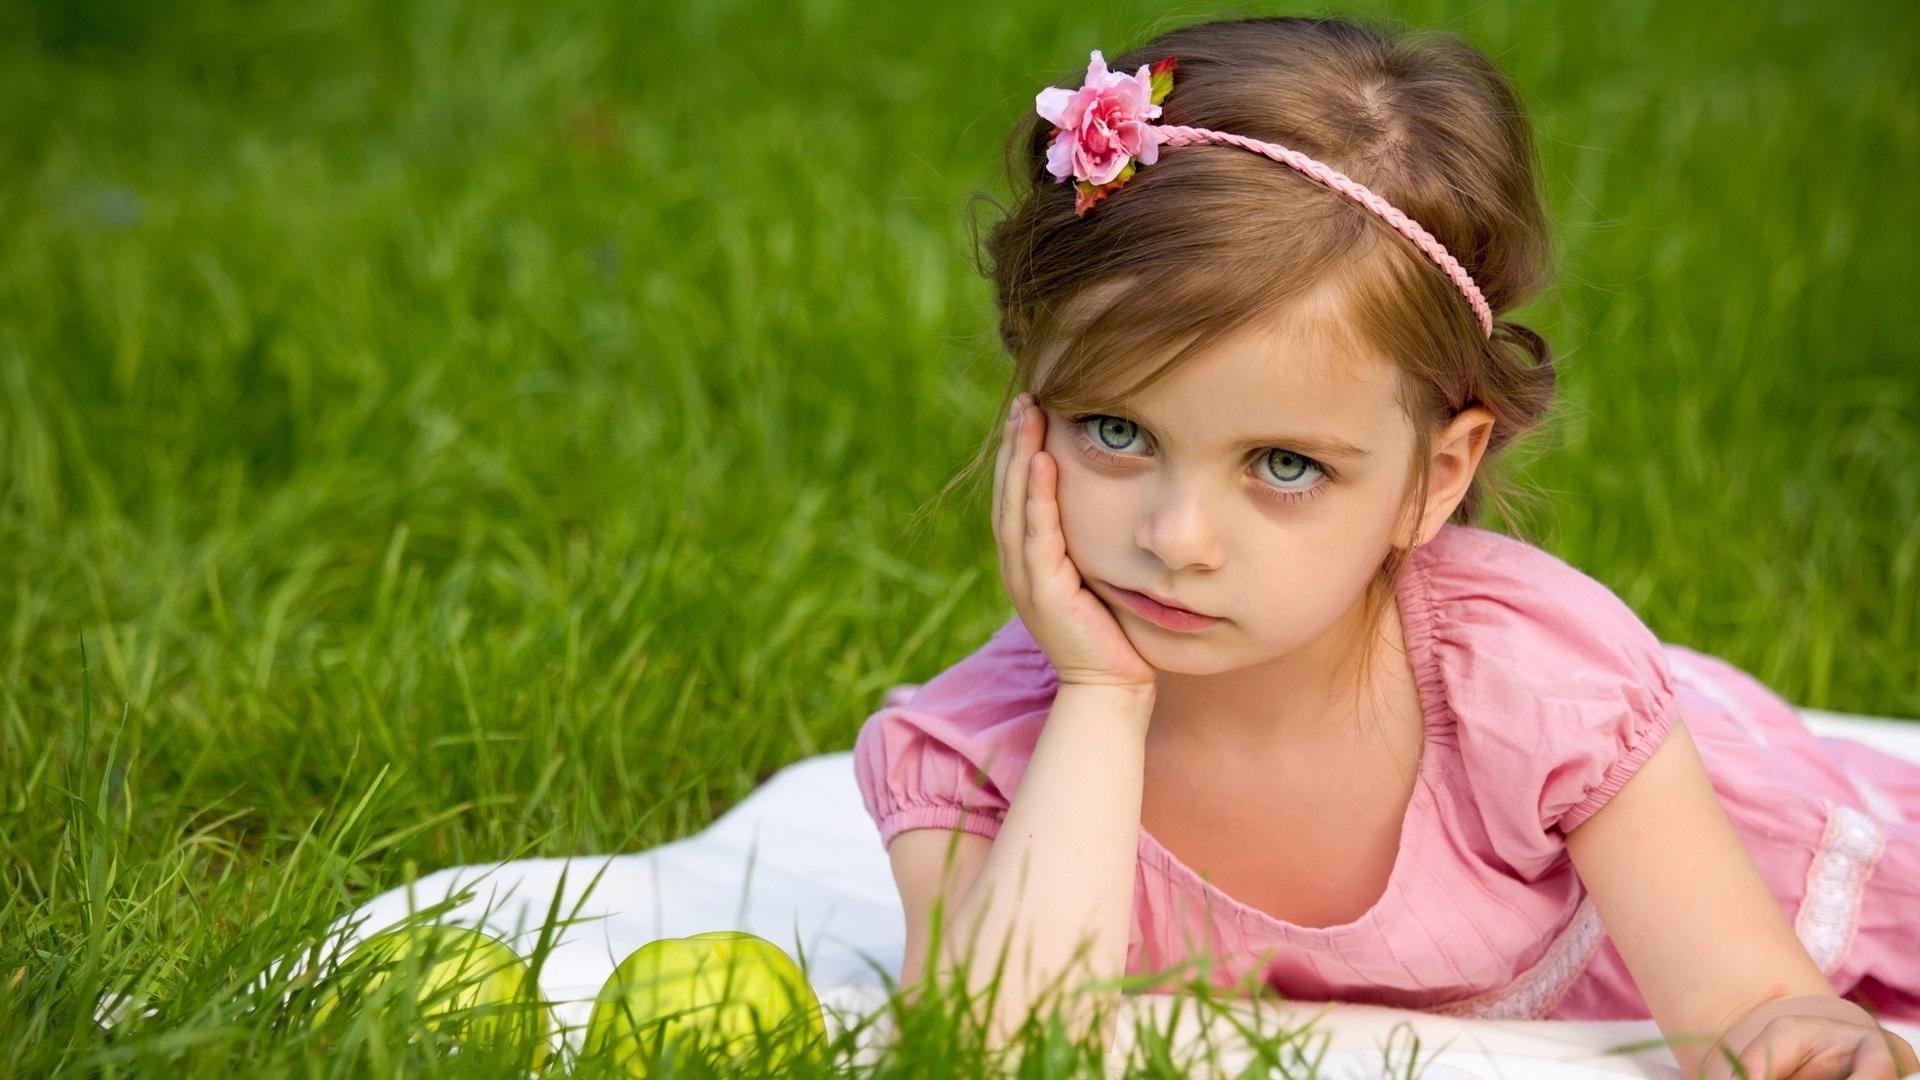 Einzelkind -Bildquelle: phxere